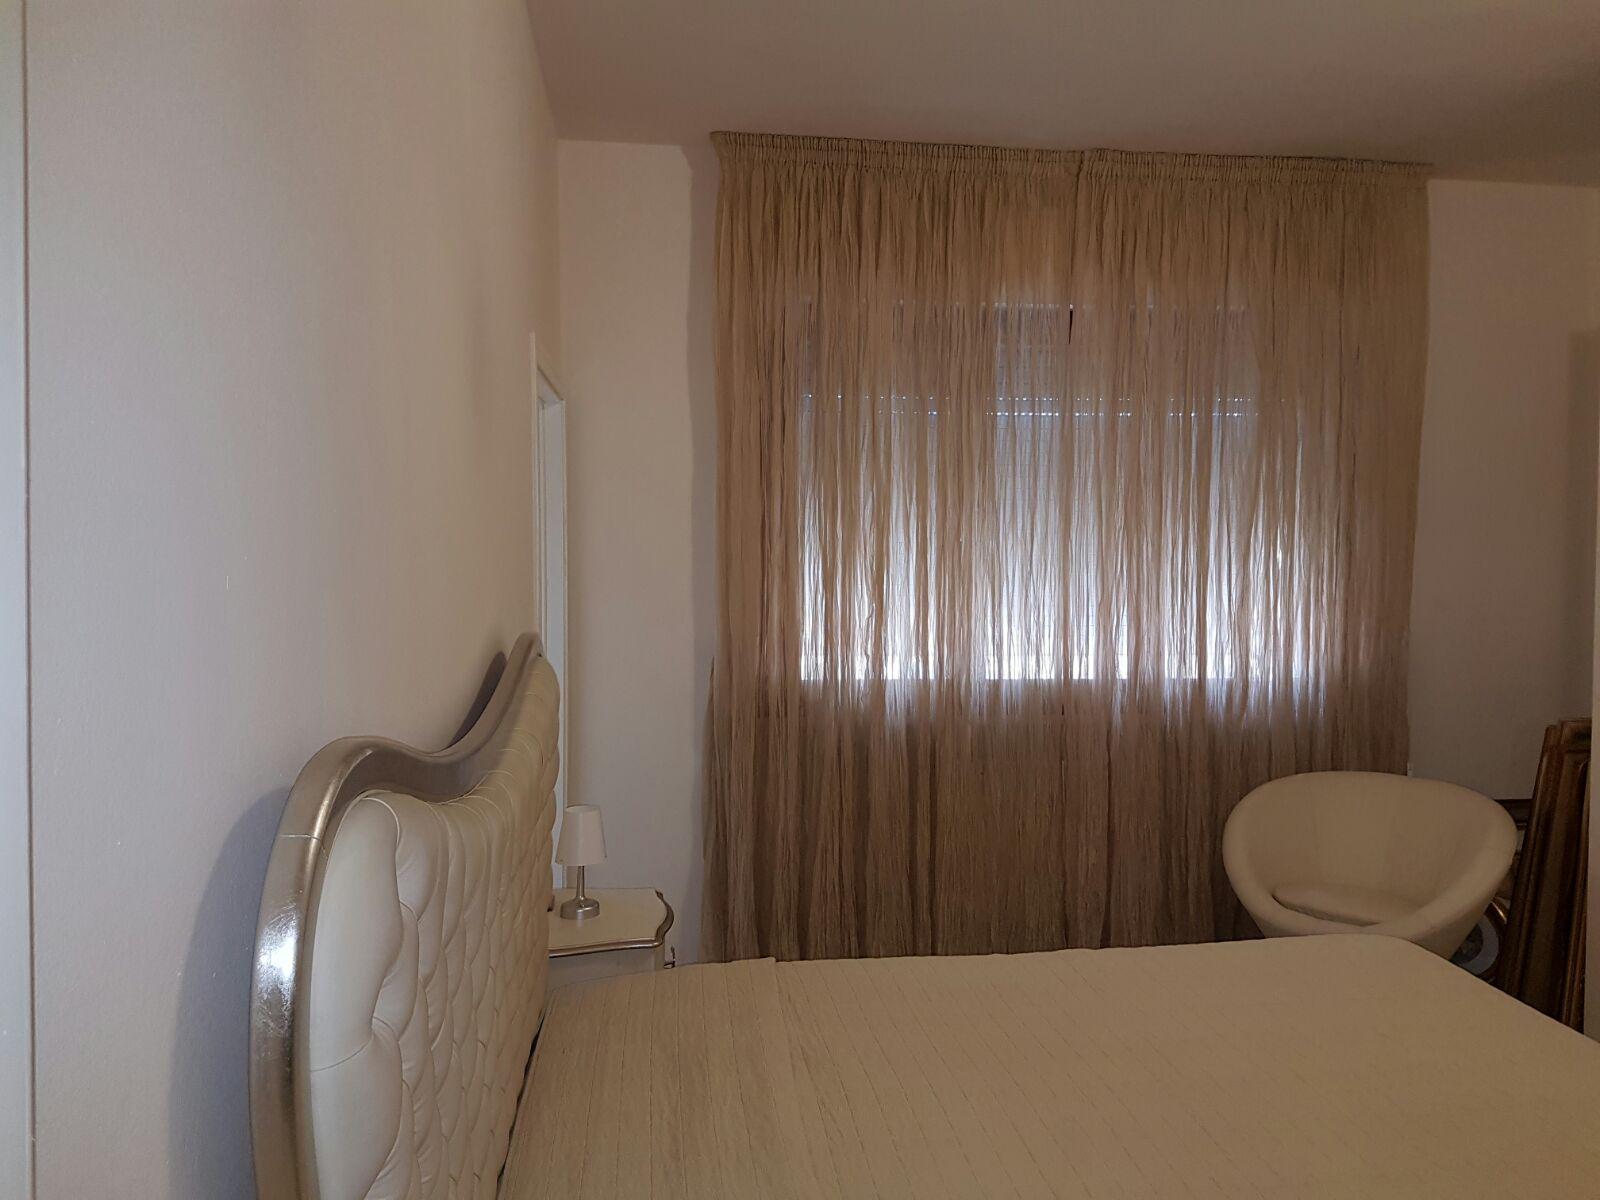 Tende con mantovana per camera da letto dragtime for - Tende eleganti per camera da letto ...